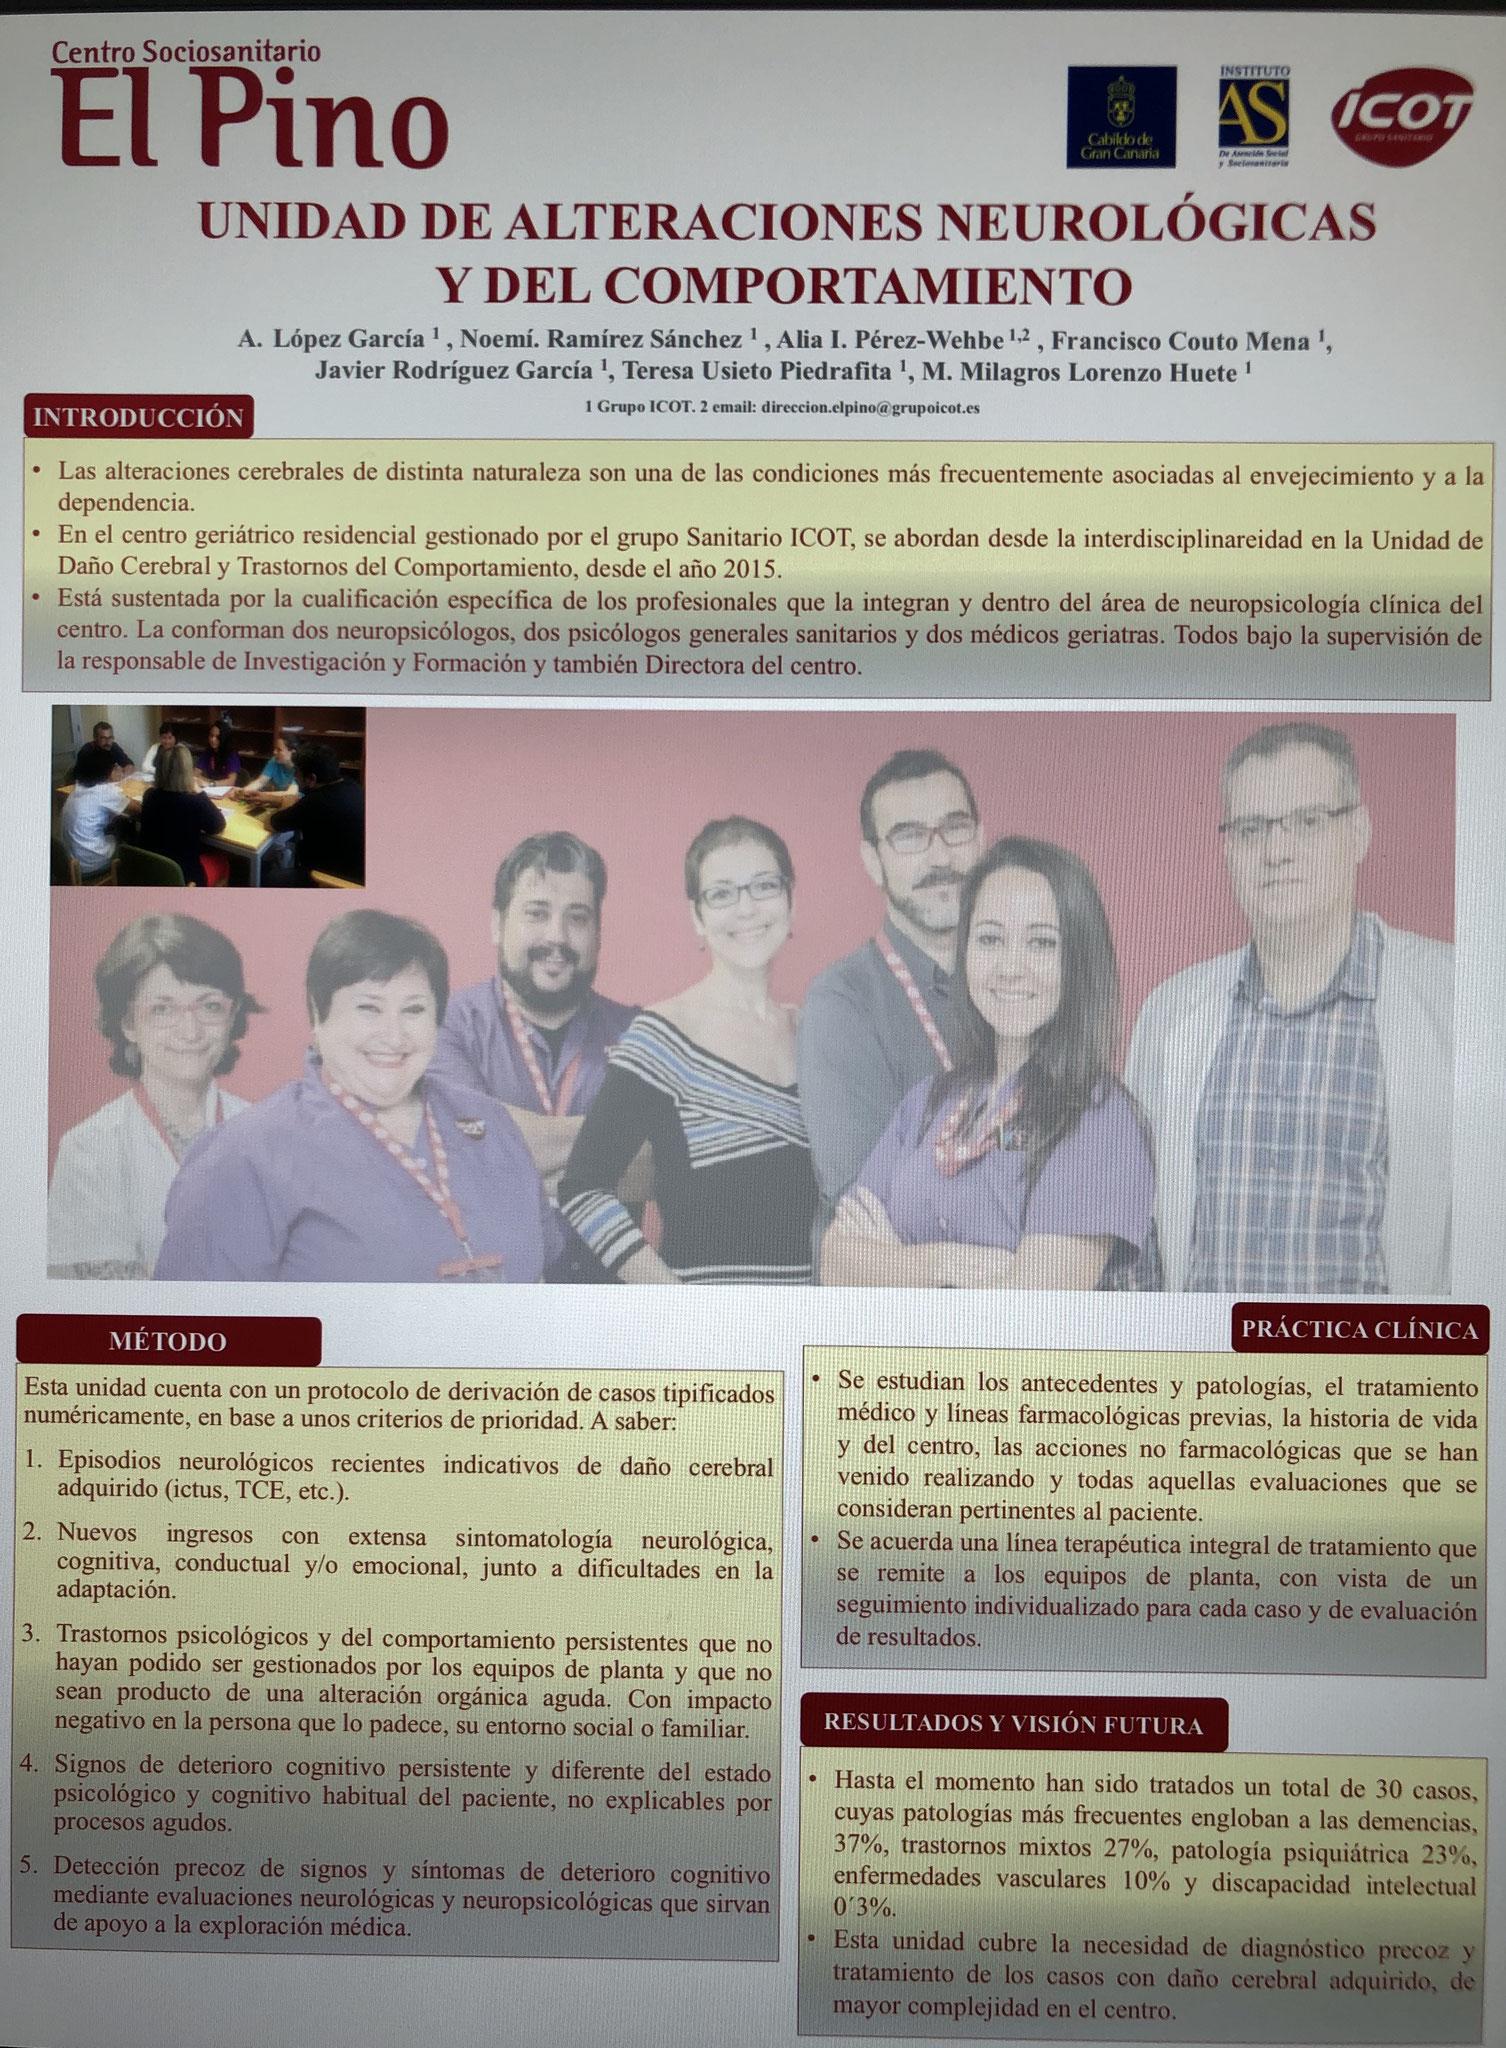 Voluntarios en el Centro Sociosanitario El Pino.